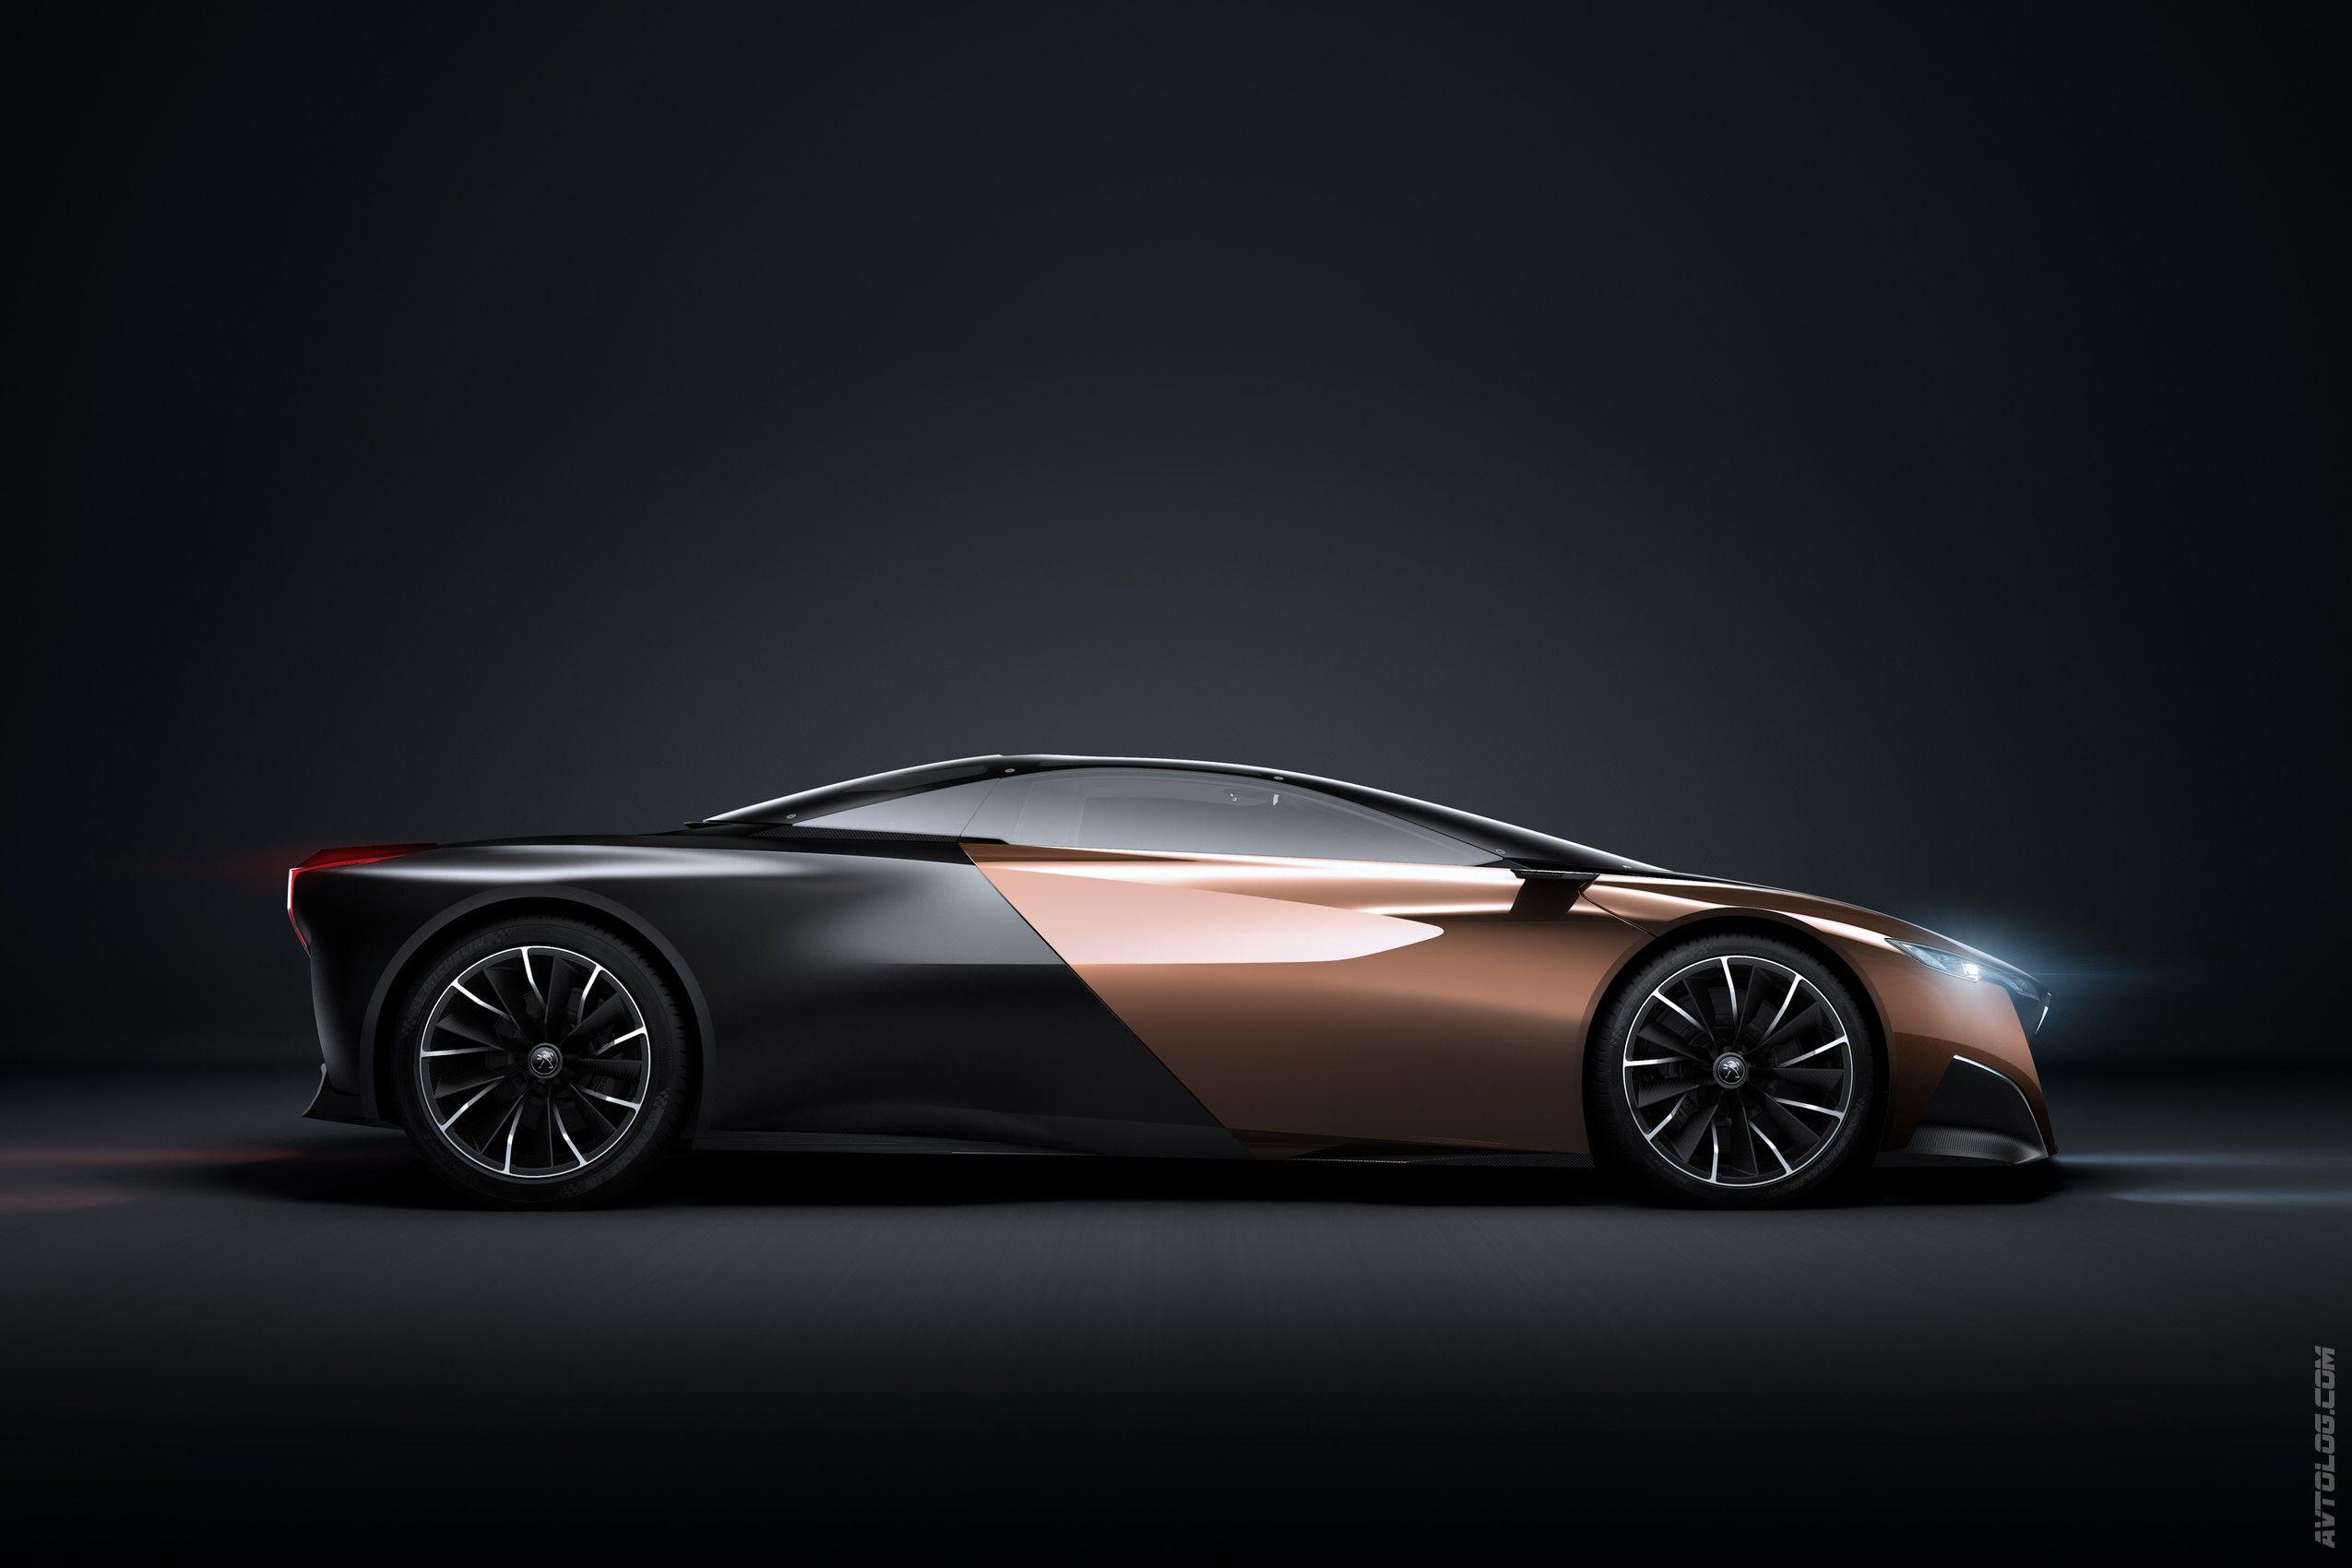 Автоблог U203a Париж 2012 U203a 2012 Peugeot Onyx Concept Photo Gallery